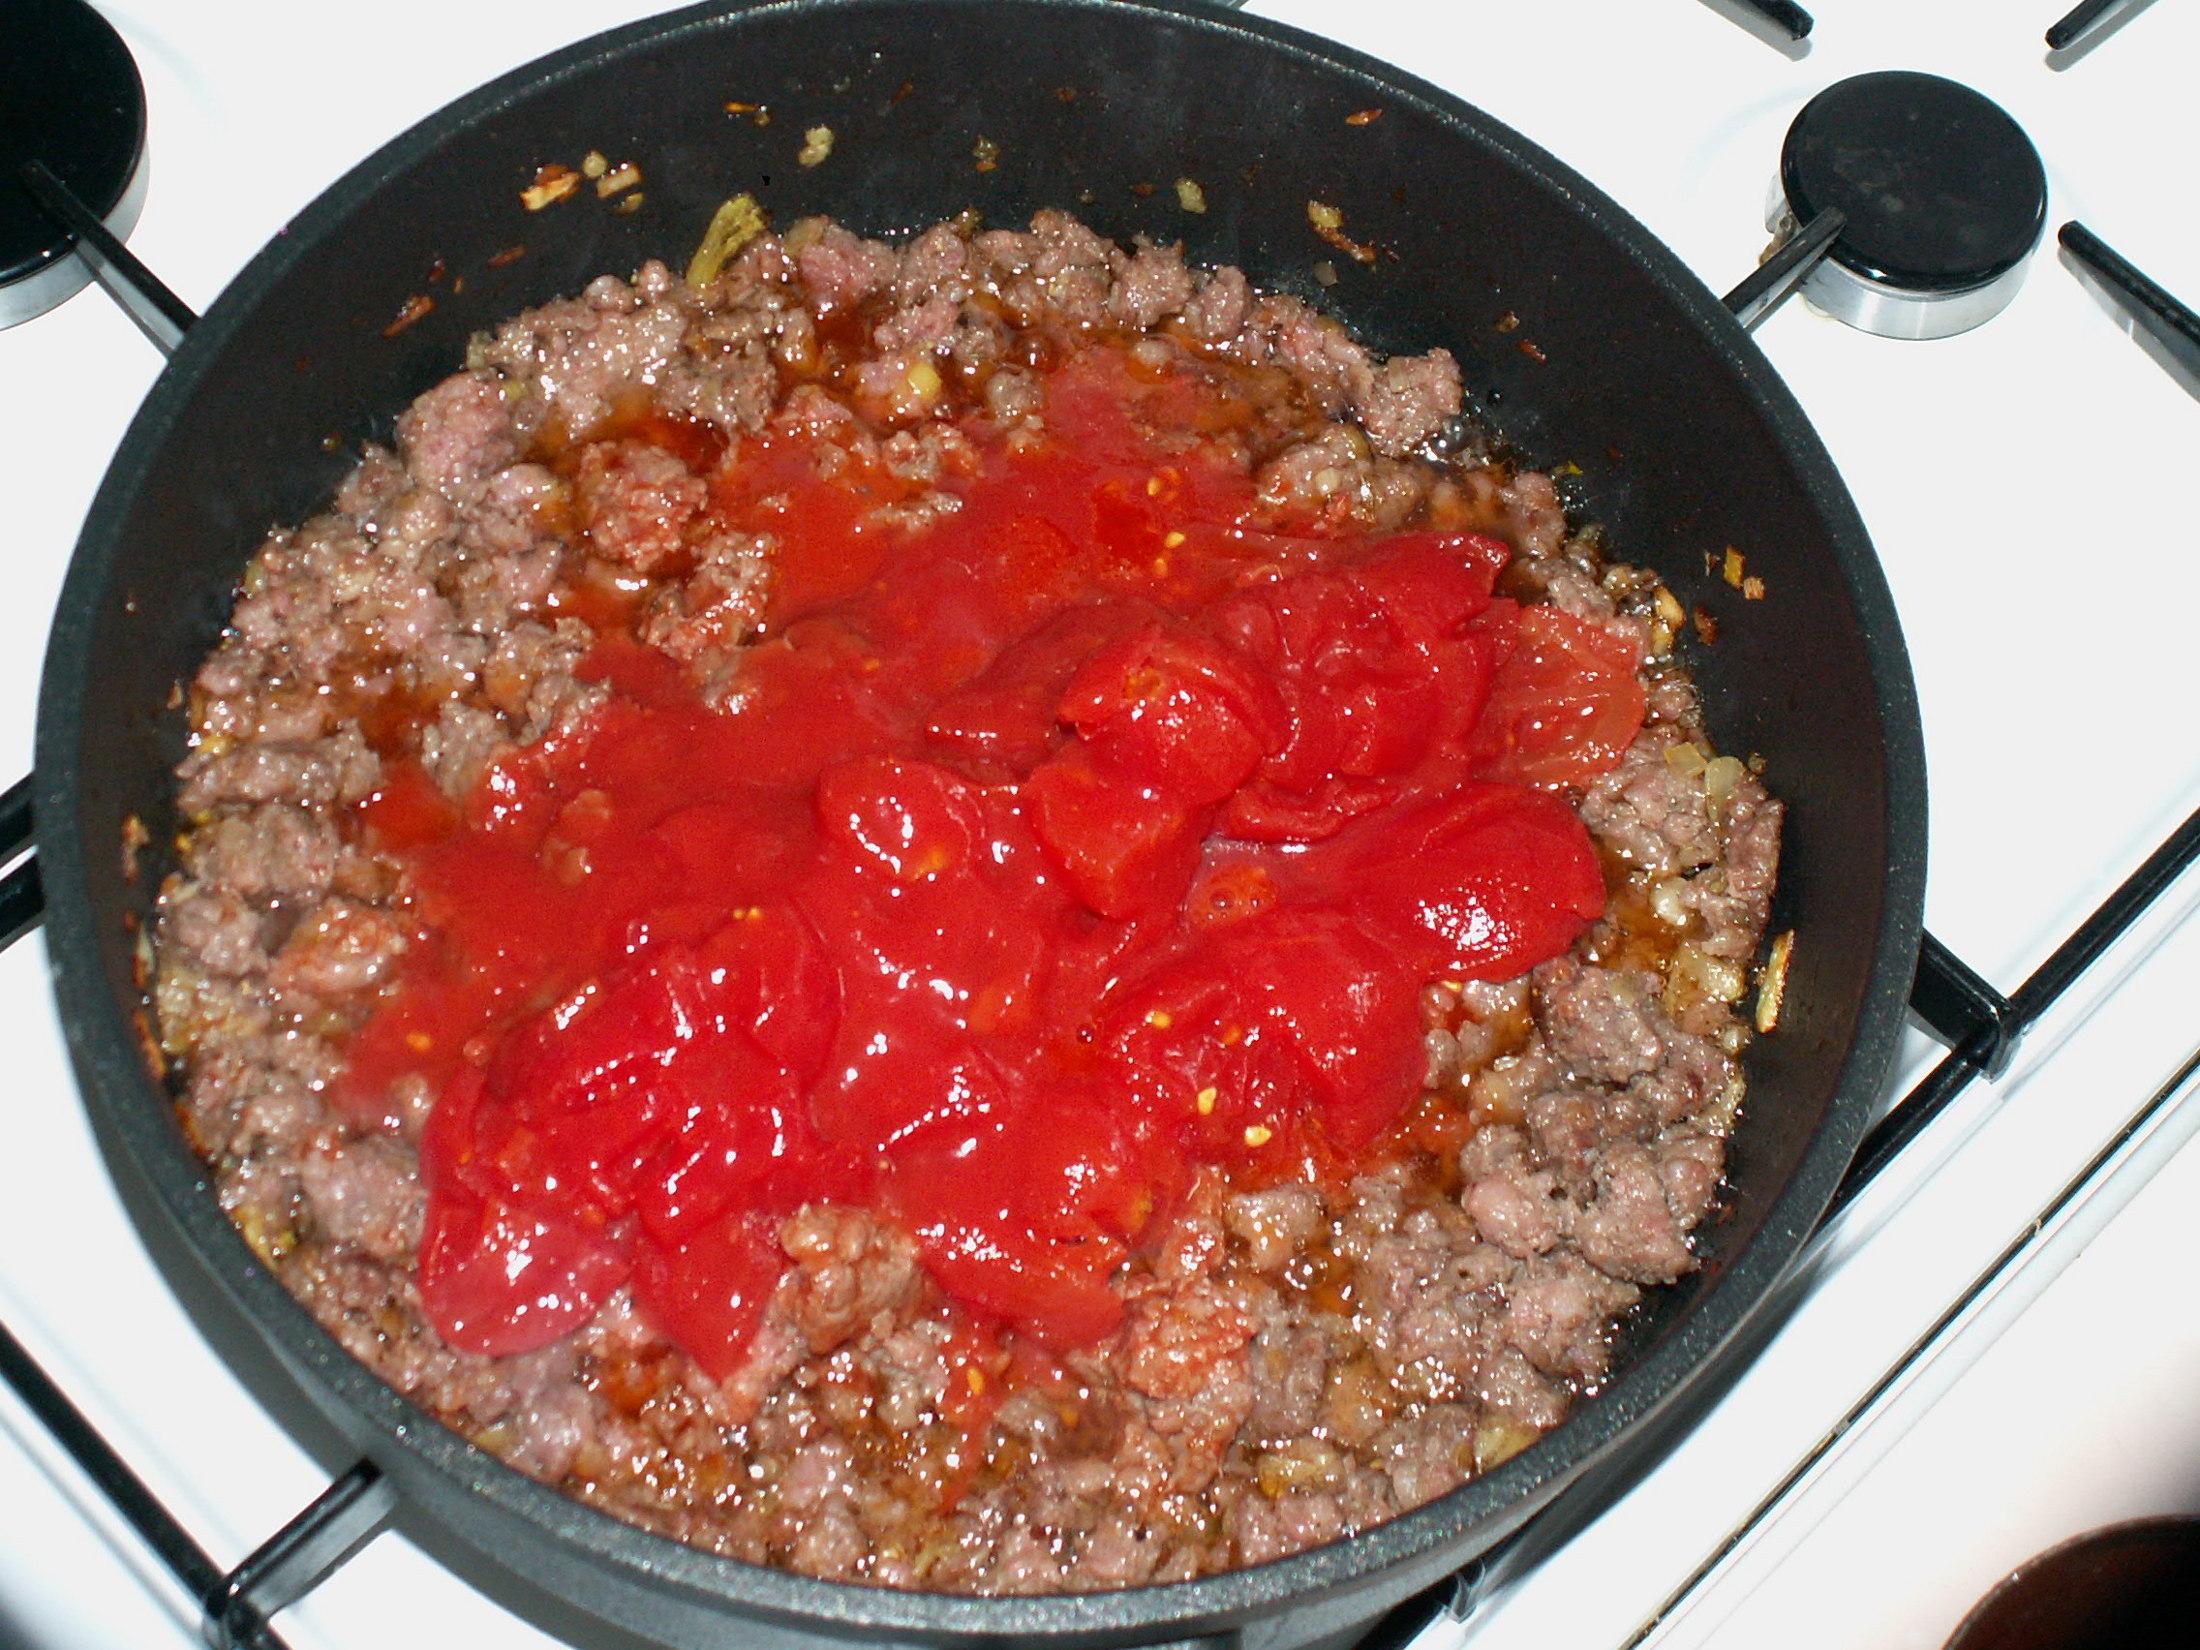 Recept Lasagne s mletým masem a bešamelem - Přidán protlak.